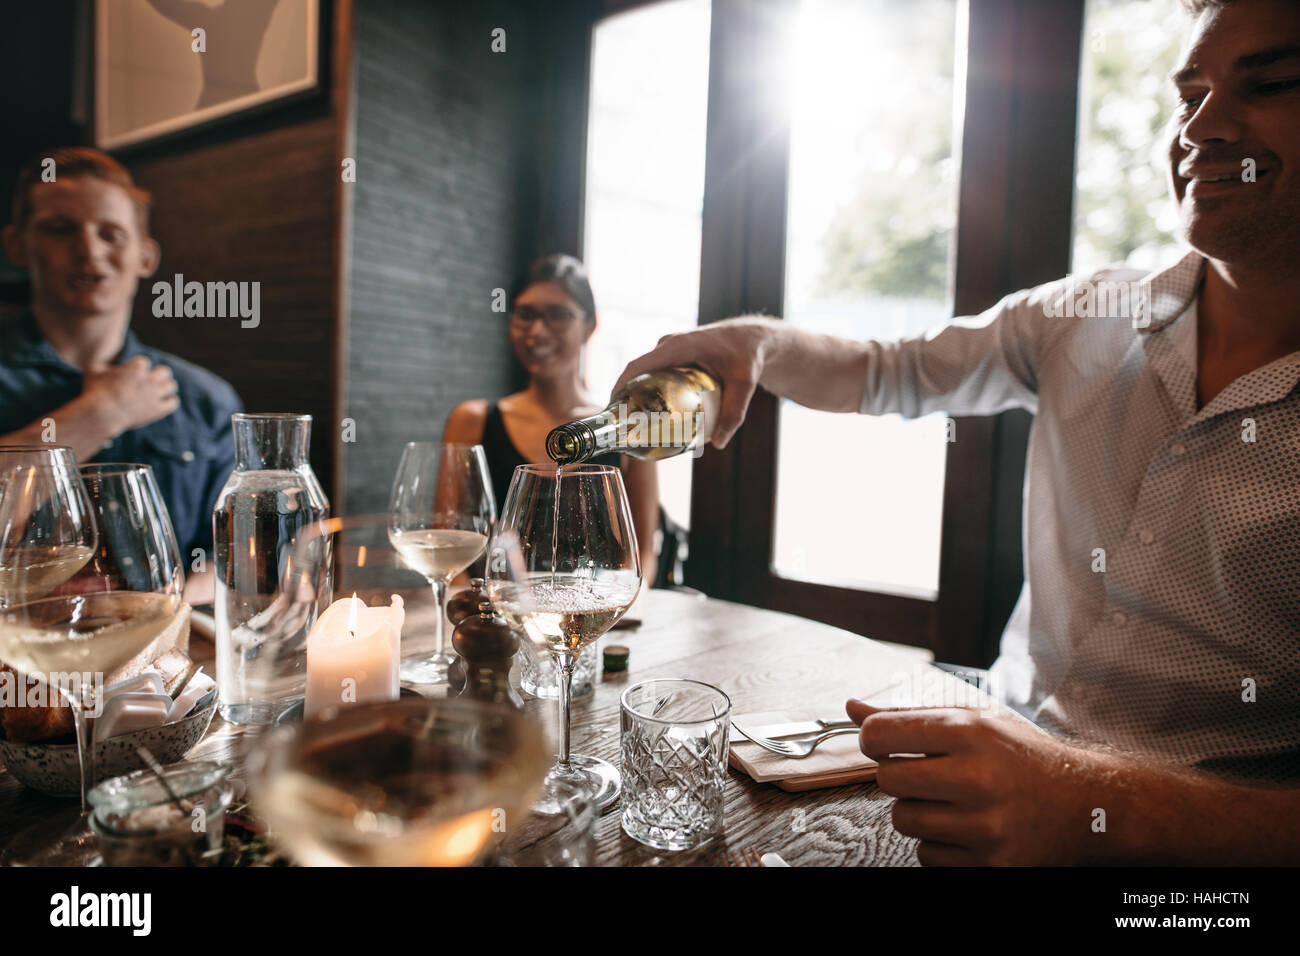 Grupo de amigos disfrutando de una comida con vino en un restaurante. Feliz joven vertiendo vino en vasos. Imagen De Stock